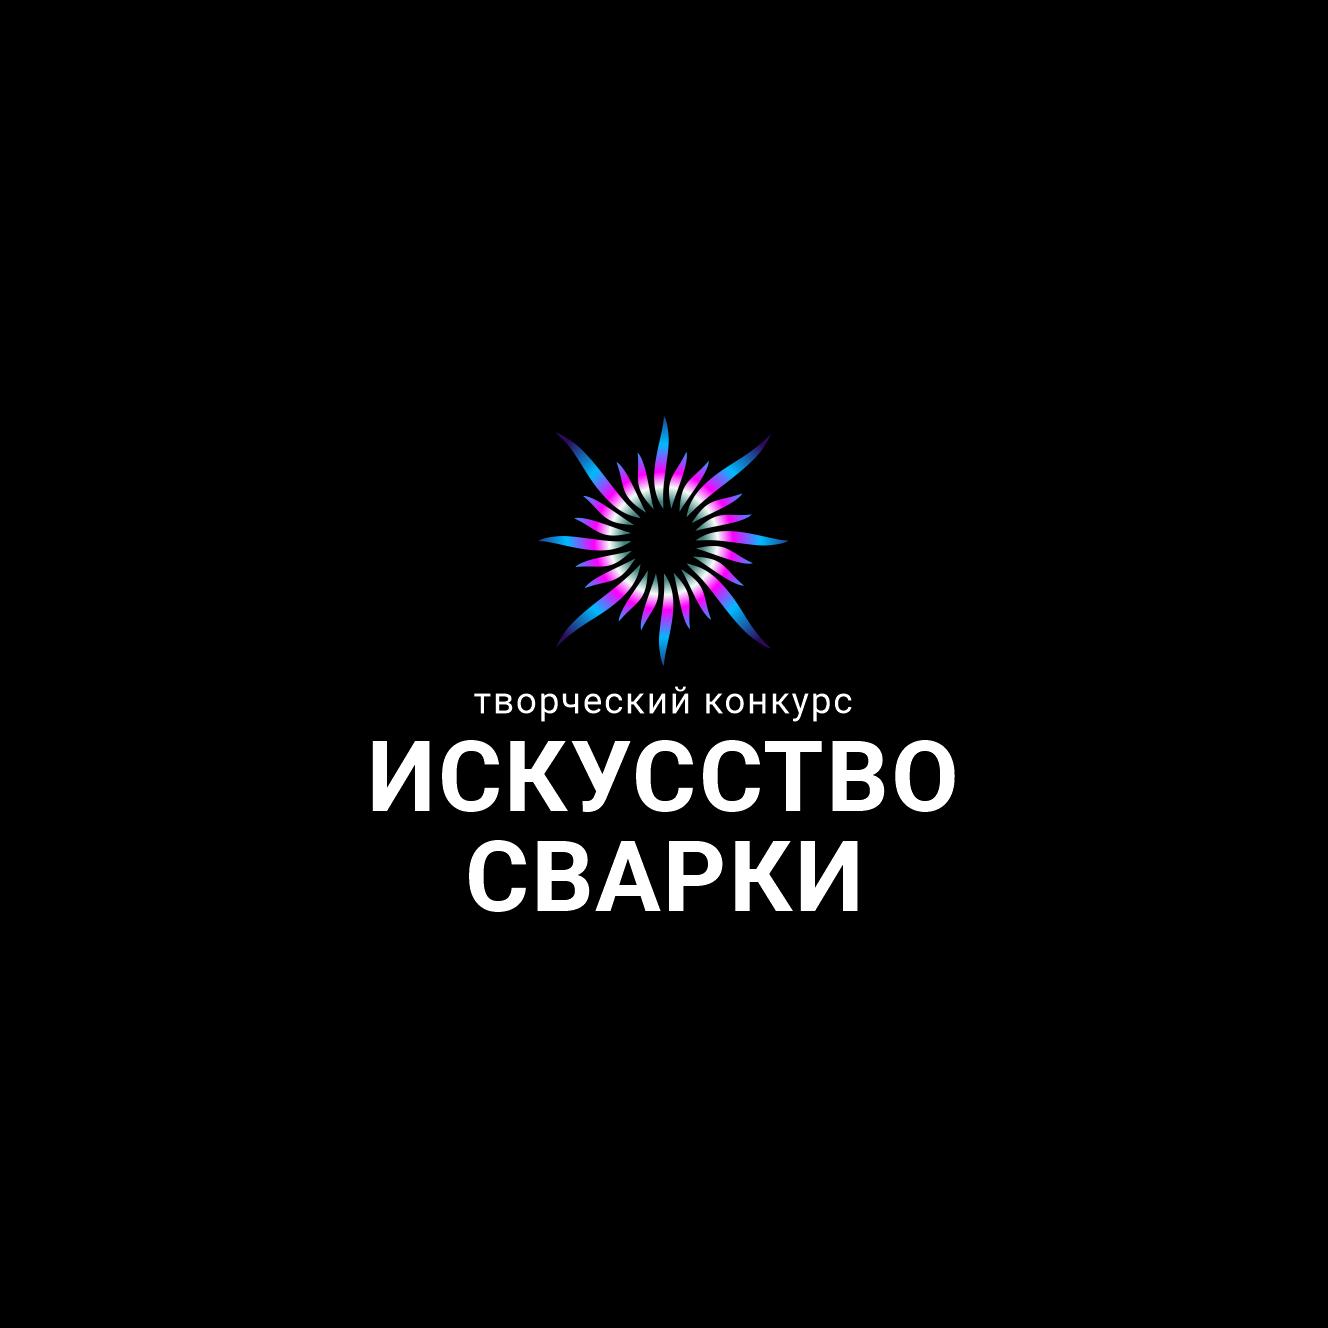 Разработка логотипа для Конкурса фото f_8425f70729c6db0f.png